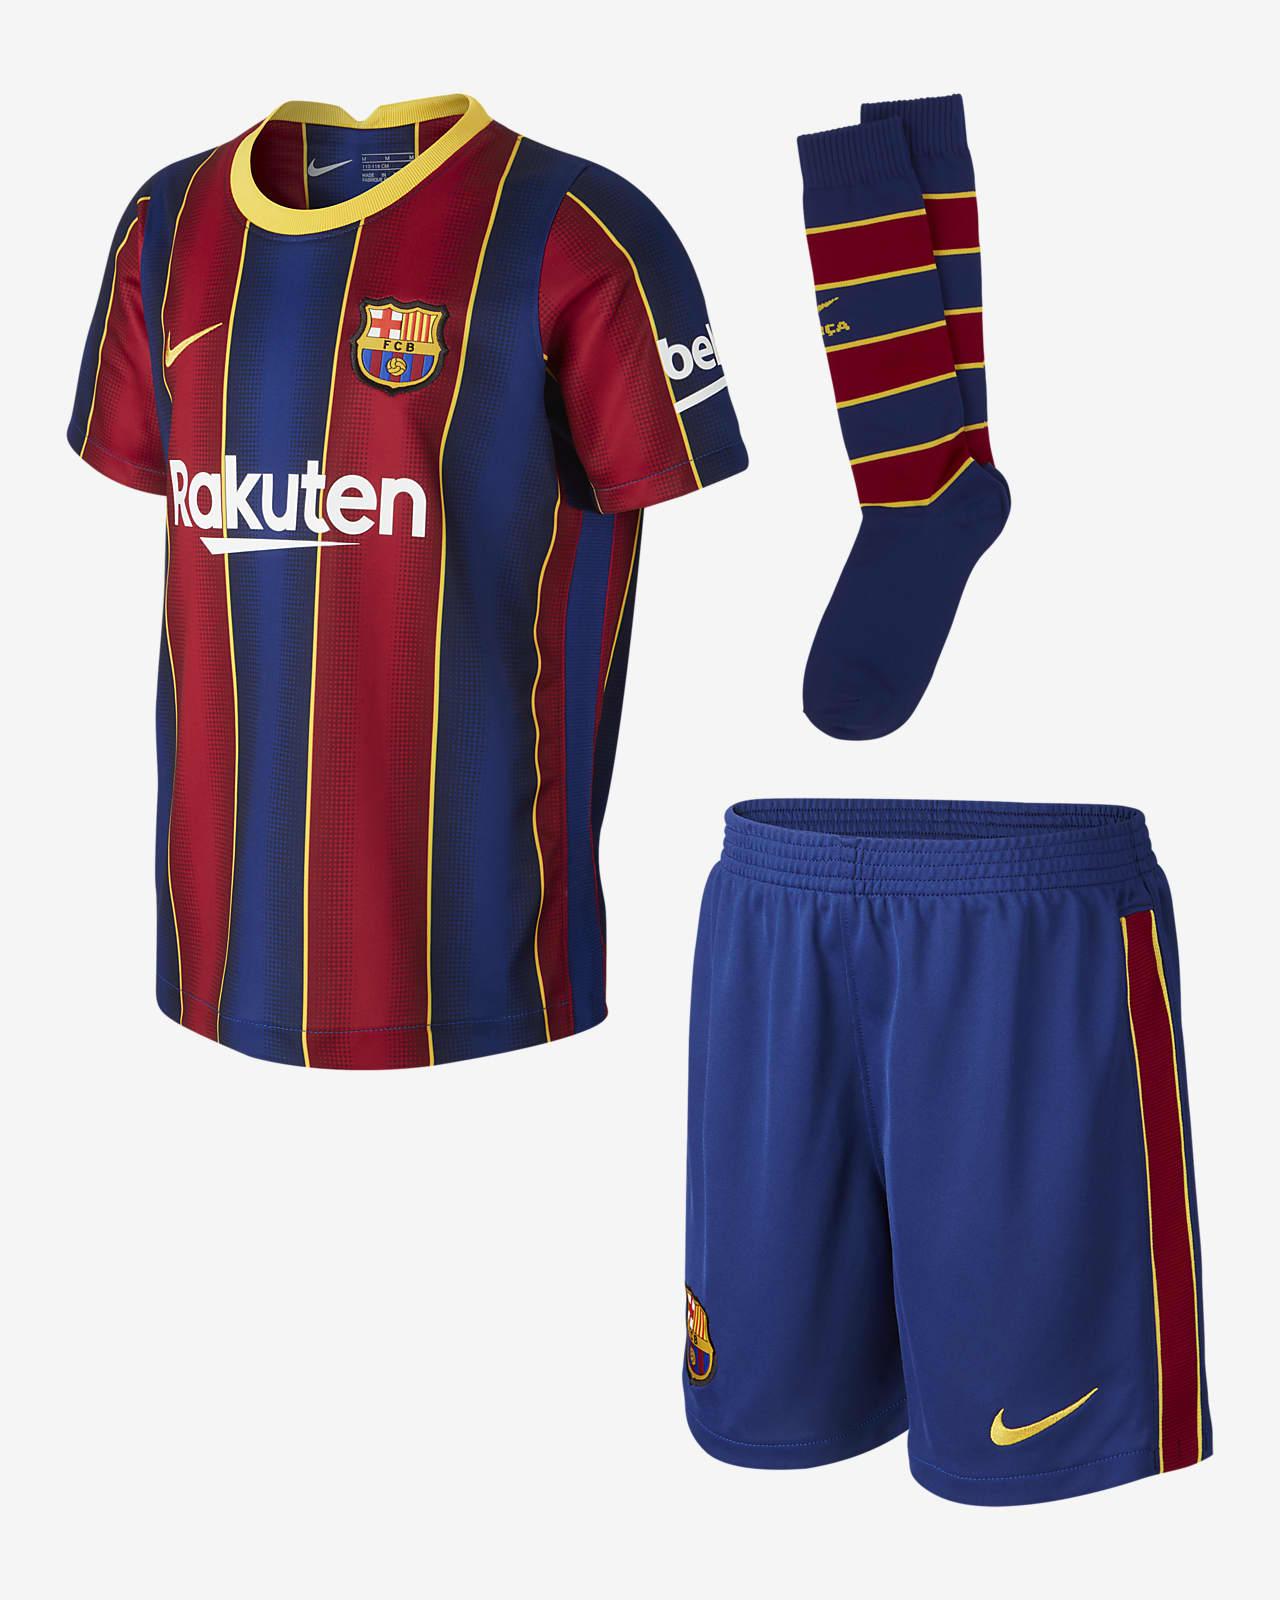 Футбольный комплект для дошкольников с символикой домашней формы ФК «Барселона» 2020/21